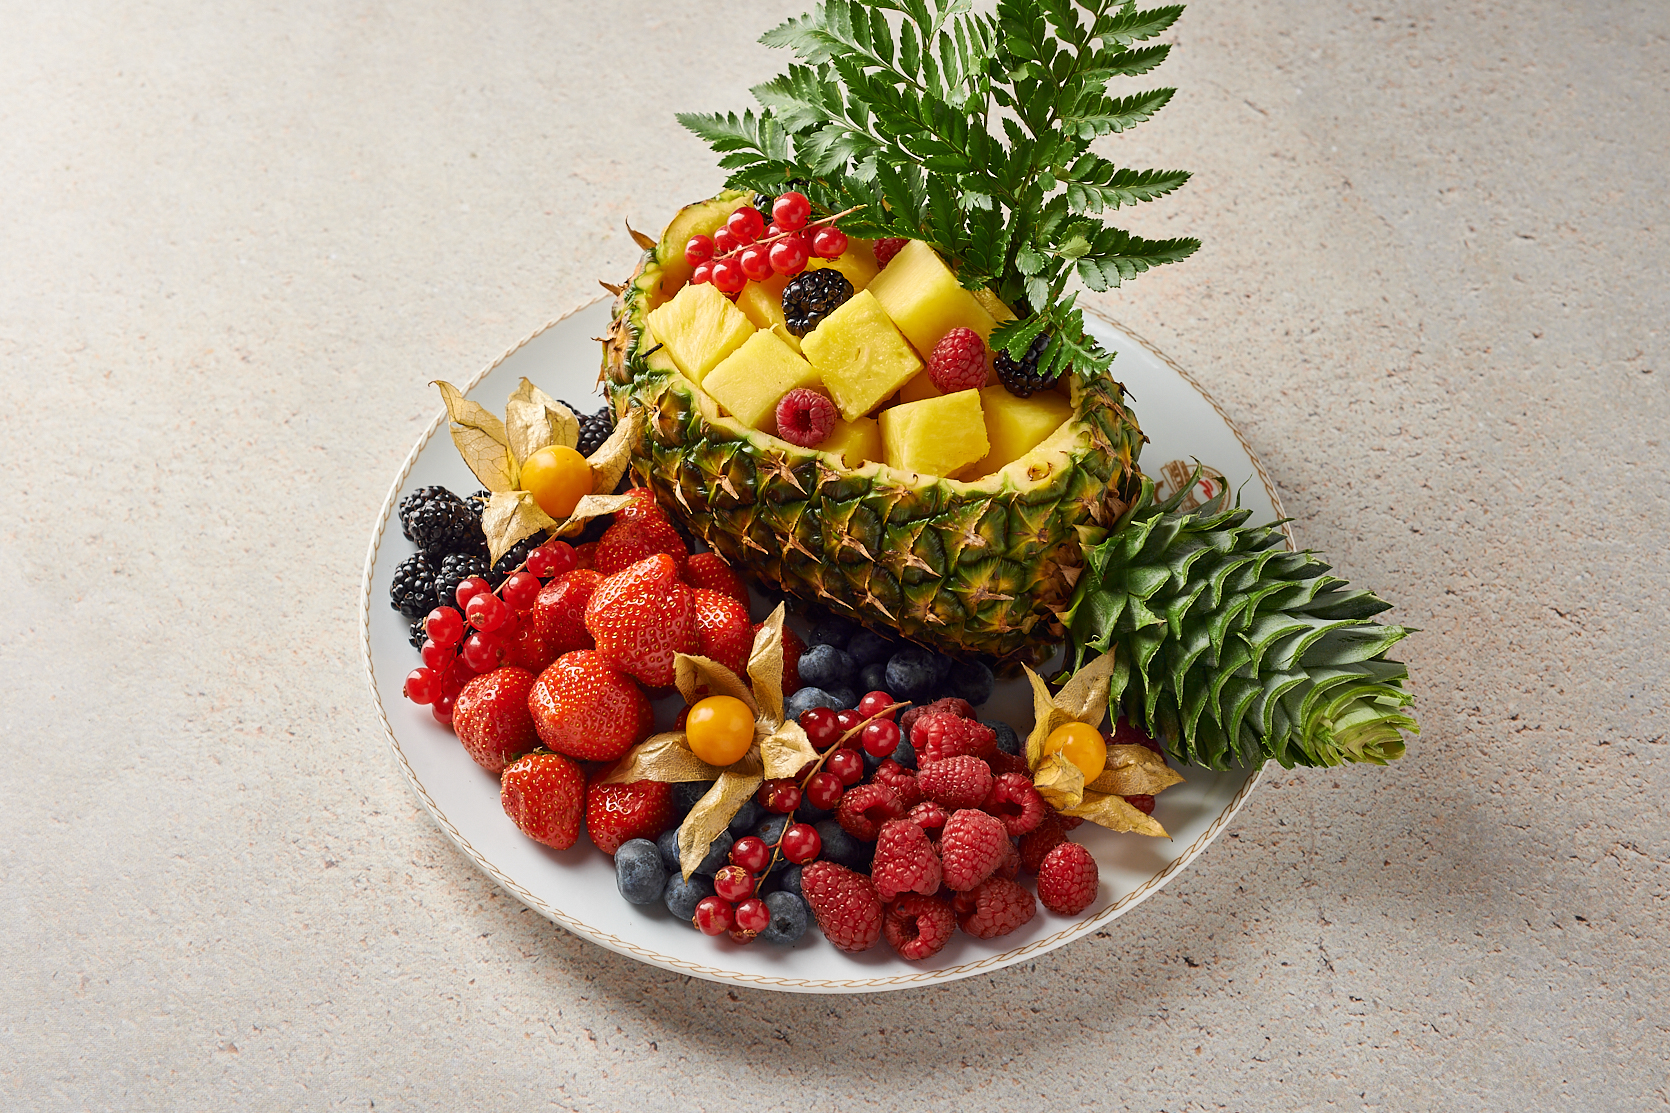 Ананас со свежими ягодами